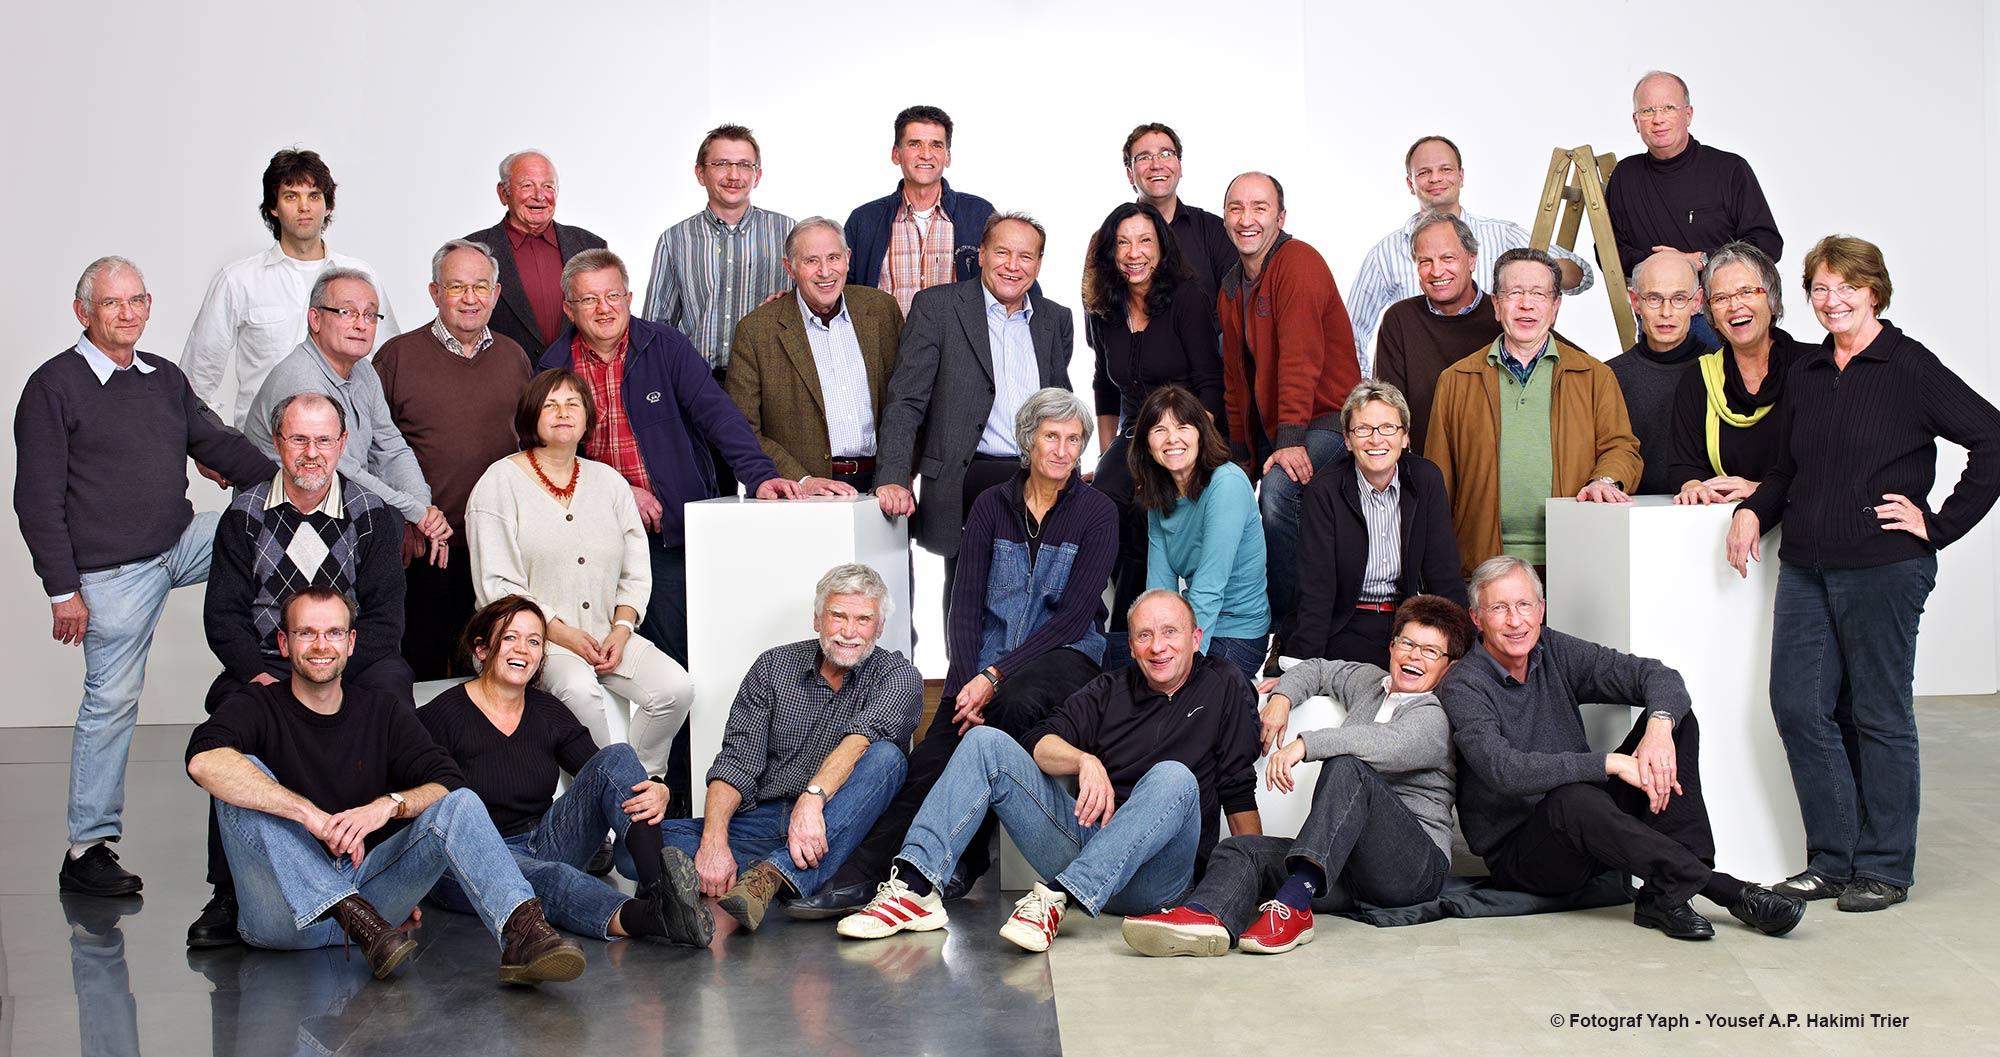 Fotos für Website der fotografischen Gesellschaft Trier aufgenommen im Fotostudio Yaph auf dem Petrisberg,  businessfotografie